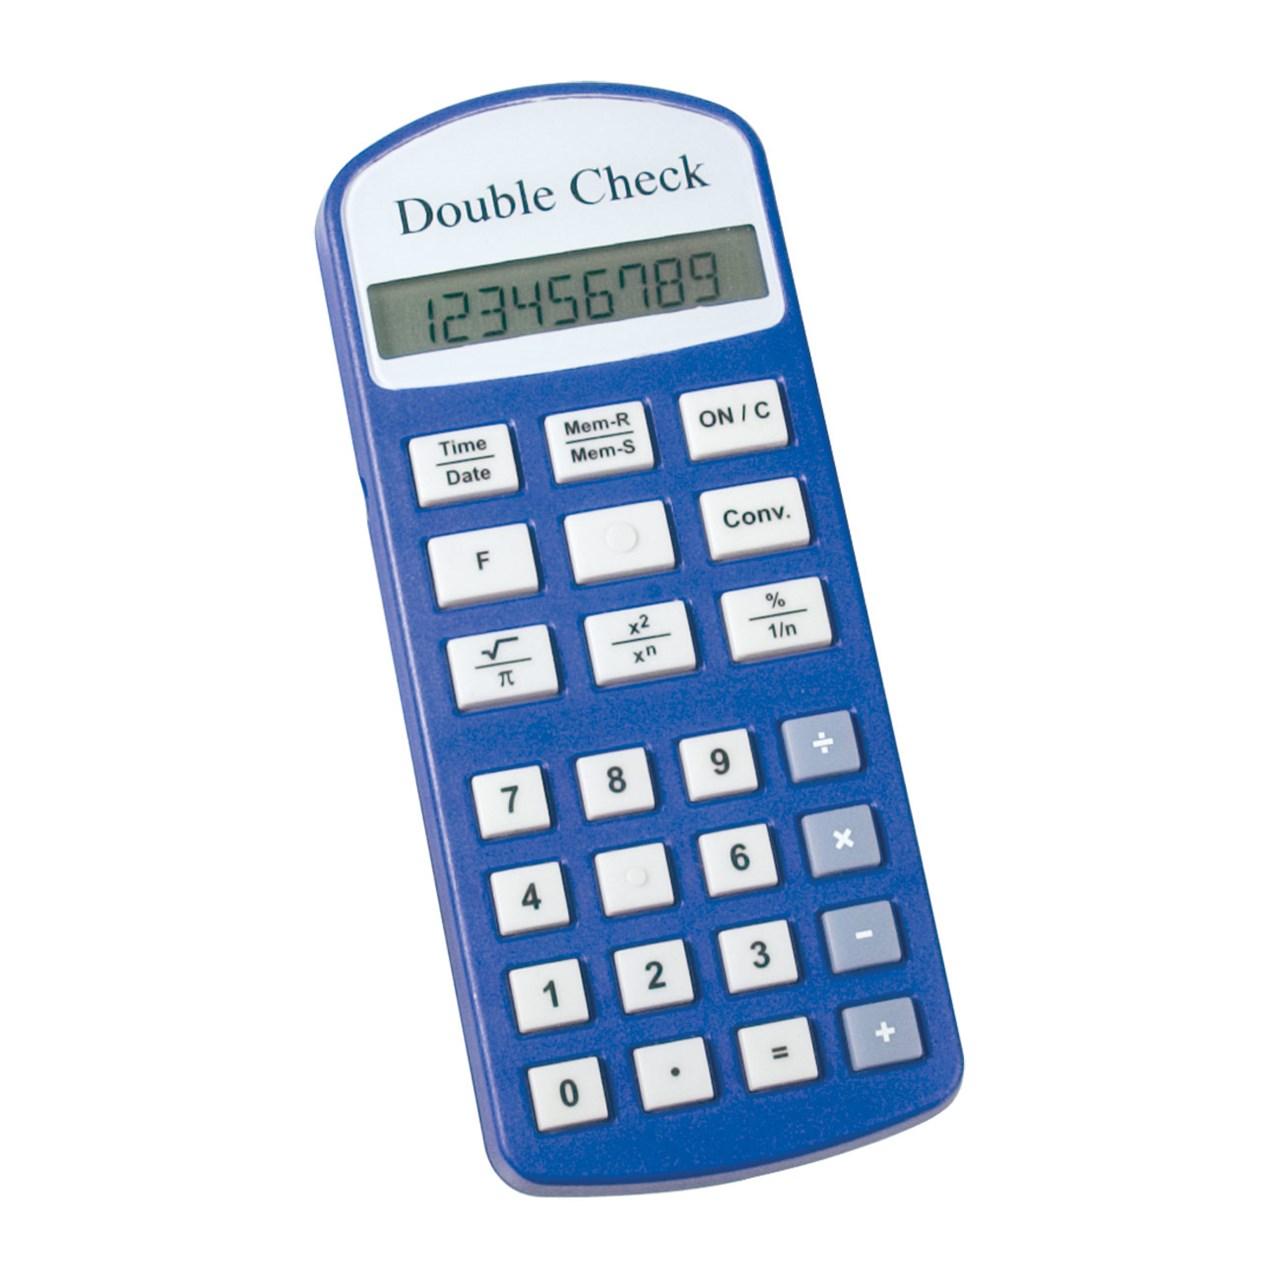 Fullsize Of Light Level Calculator